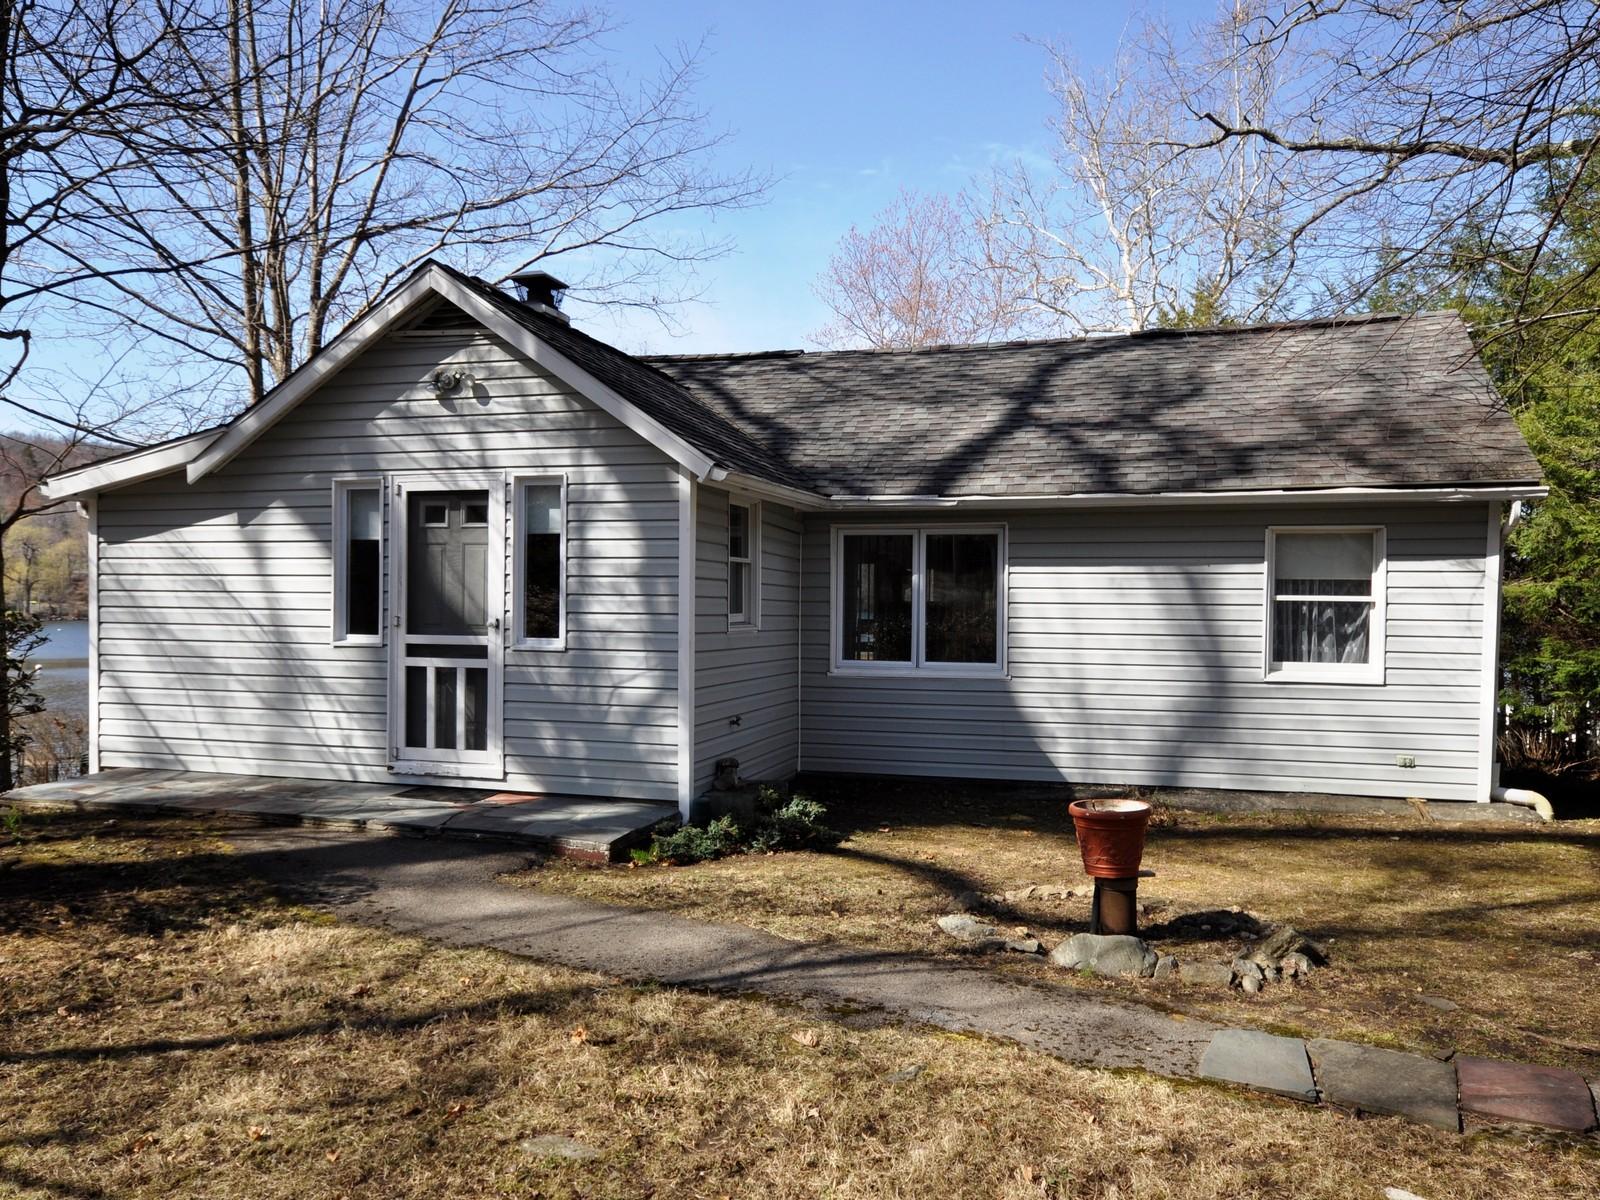 独户住宅 为 销售 在 Waterfront Property 47 Lee Ave Putnam Valley, 纽约州 10579 美国